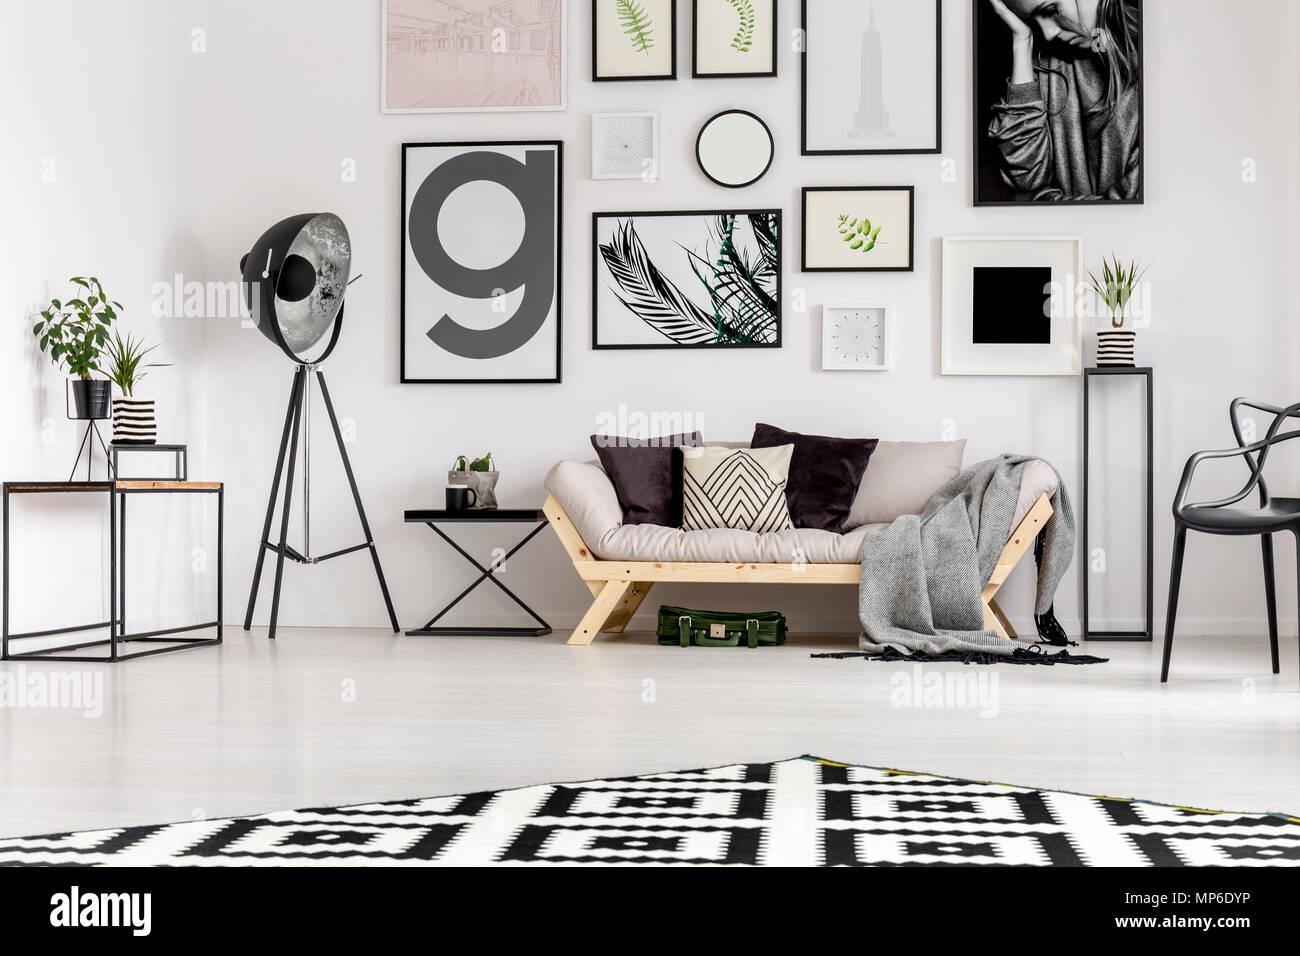 Lampe Neben Beige Couch Mit Kissen In Scandi Wohnzimmer Mit